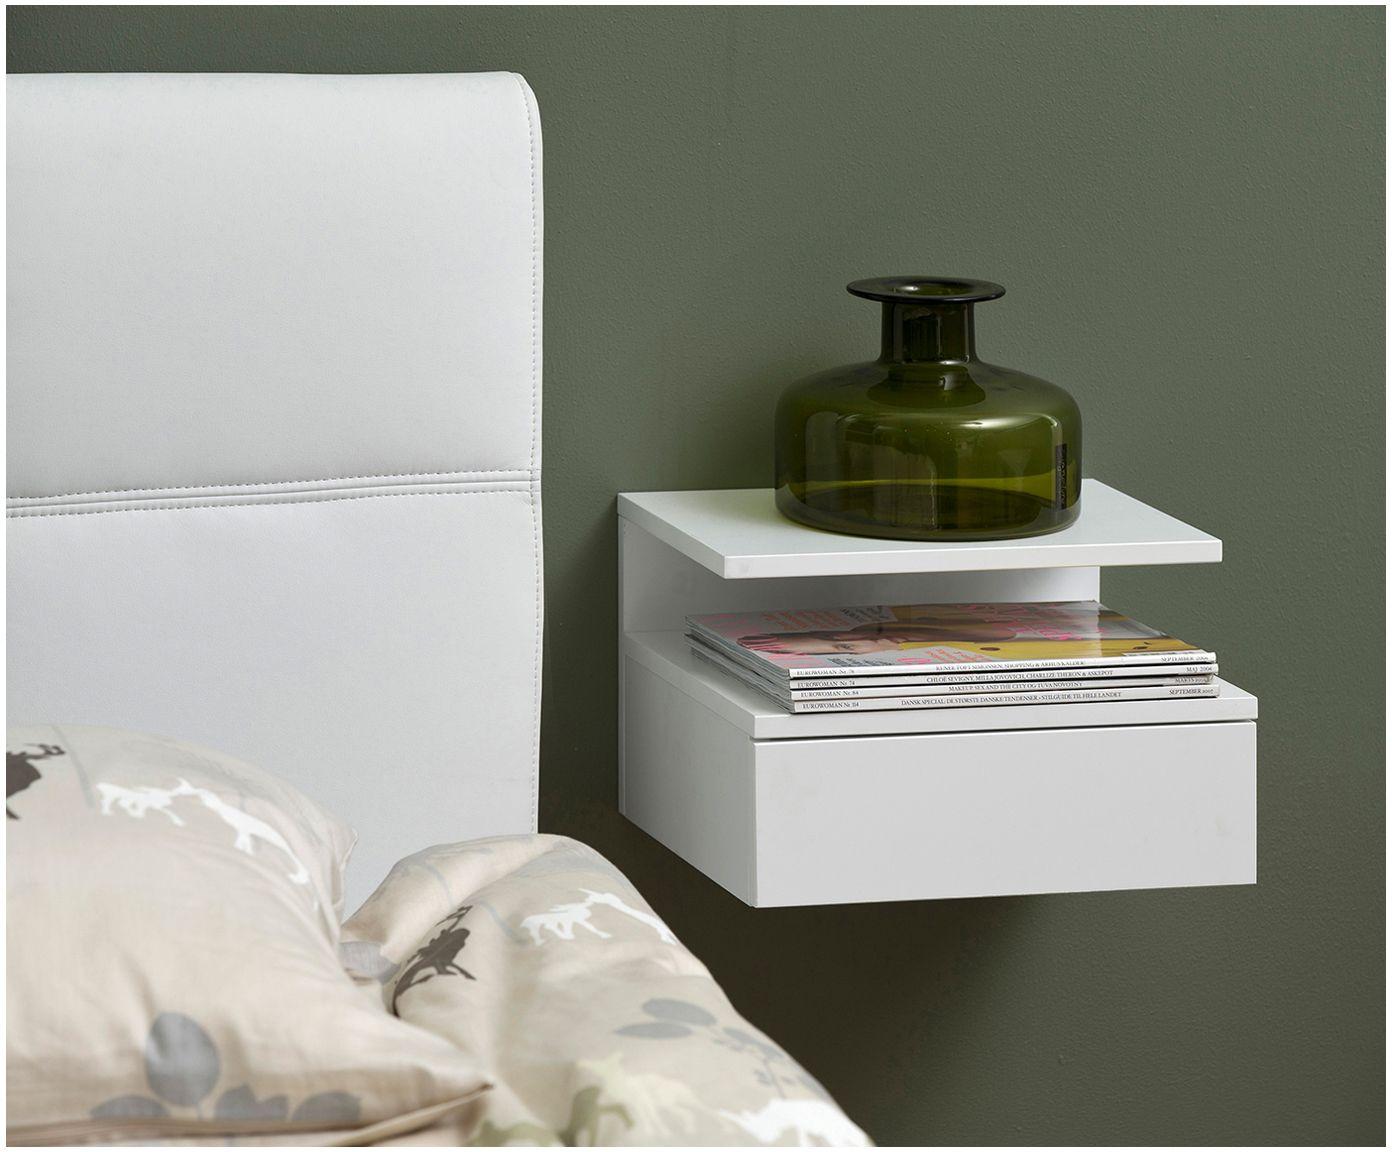 De leukste nachtkastjes voor naast je bed interieur specialisten